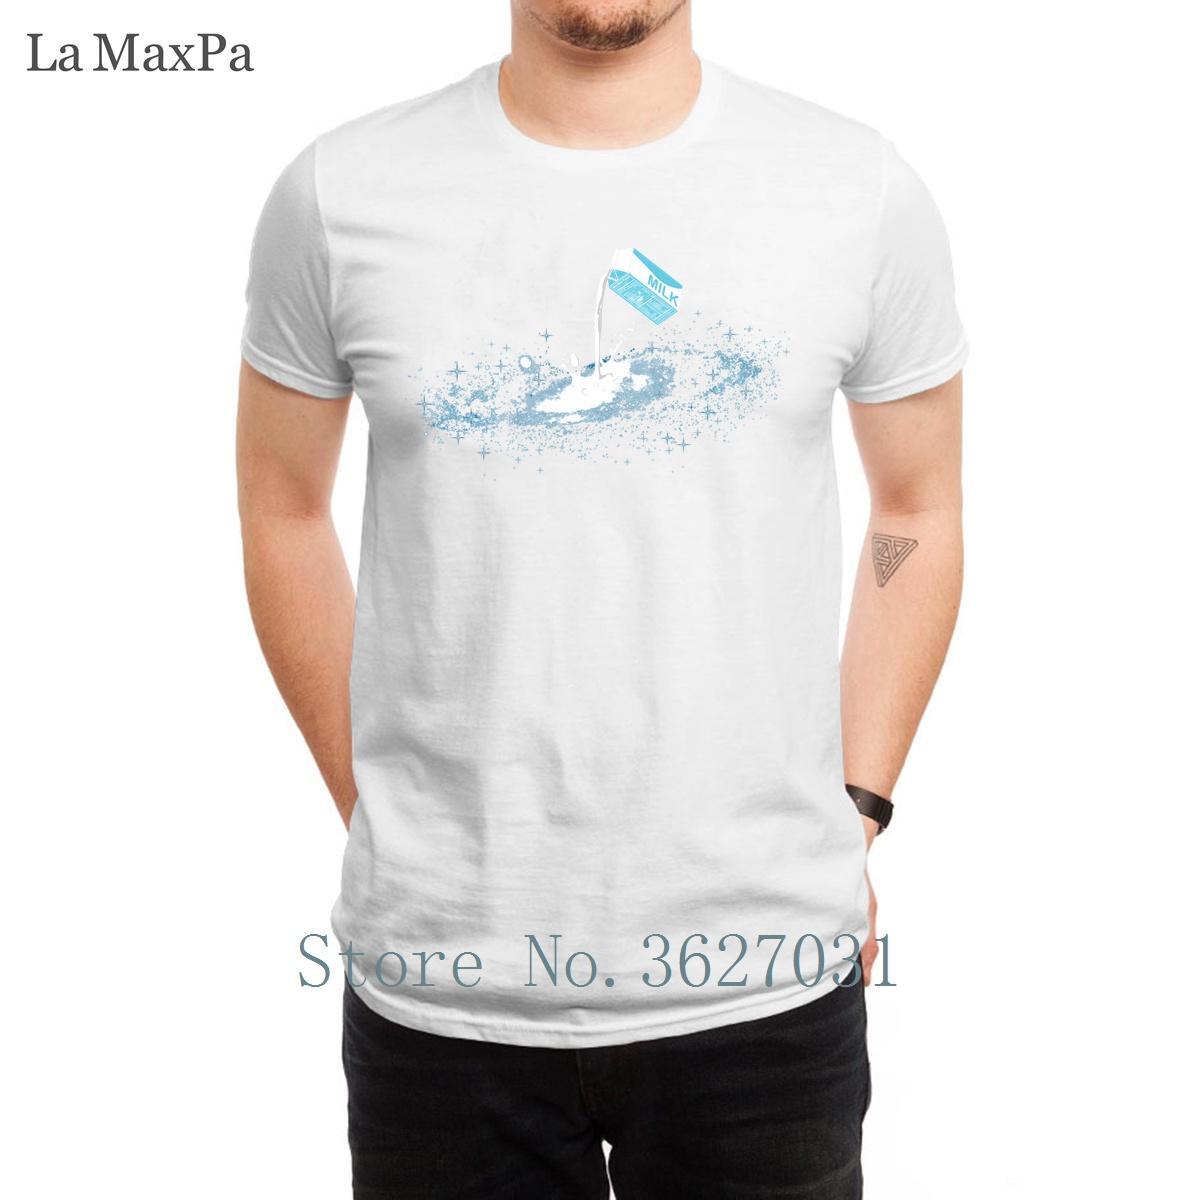 Progettazione Slim T Shirt Il sito web della Via Lattea Estate Stile Uomo comico formato S-3XL Tee Shirt Top Man Hiphop